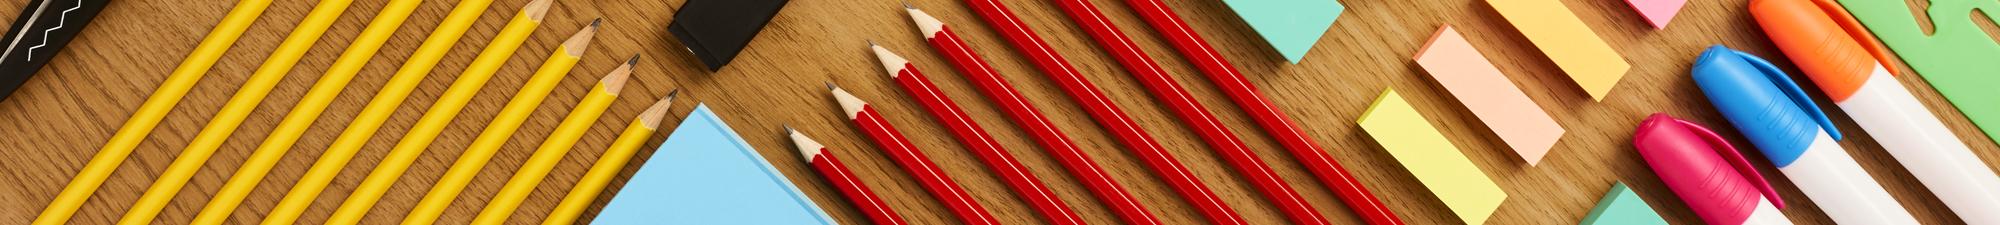 Lápis, Canetas e Borrachas